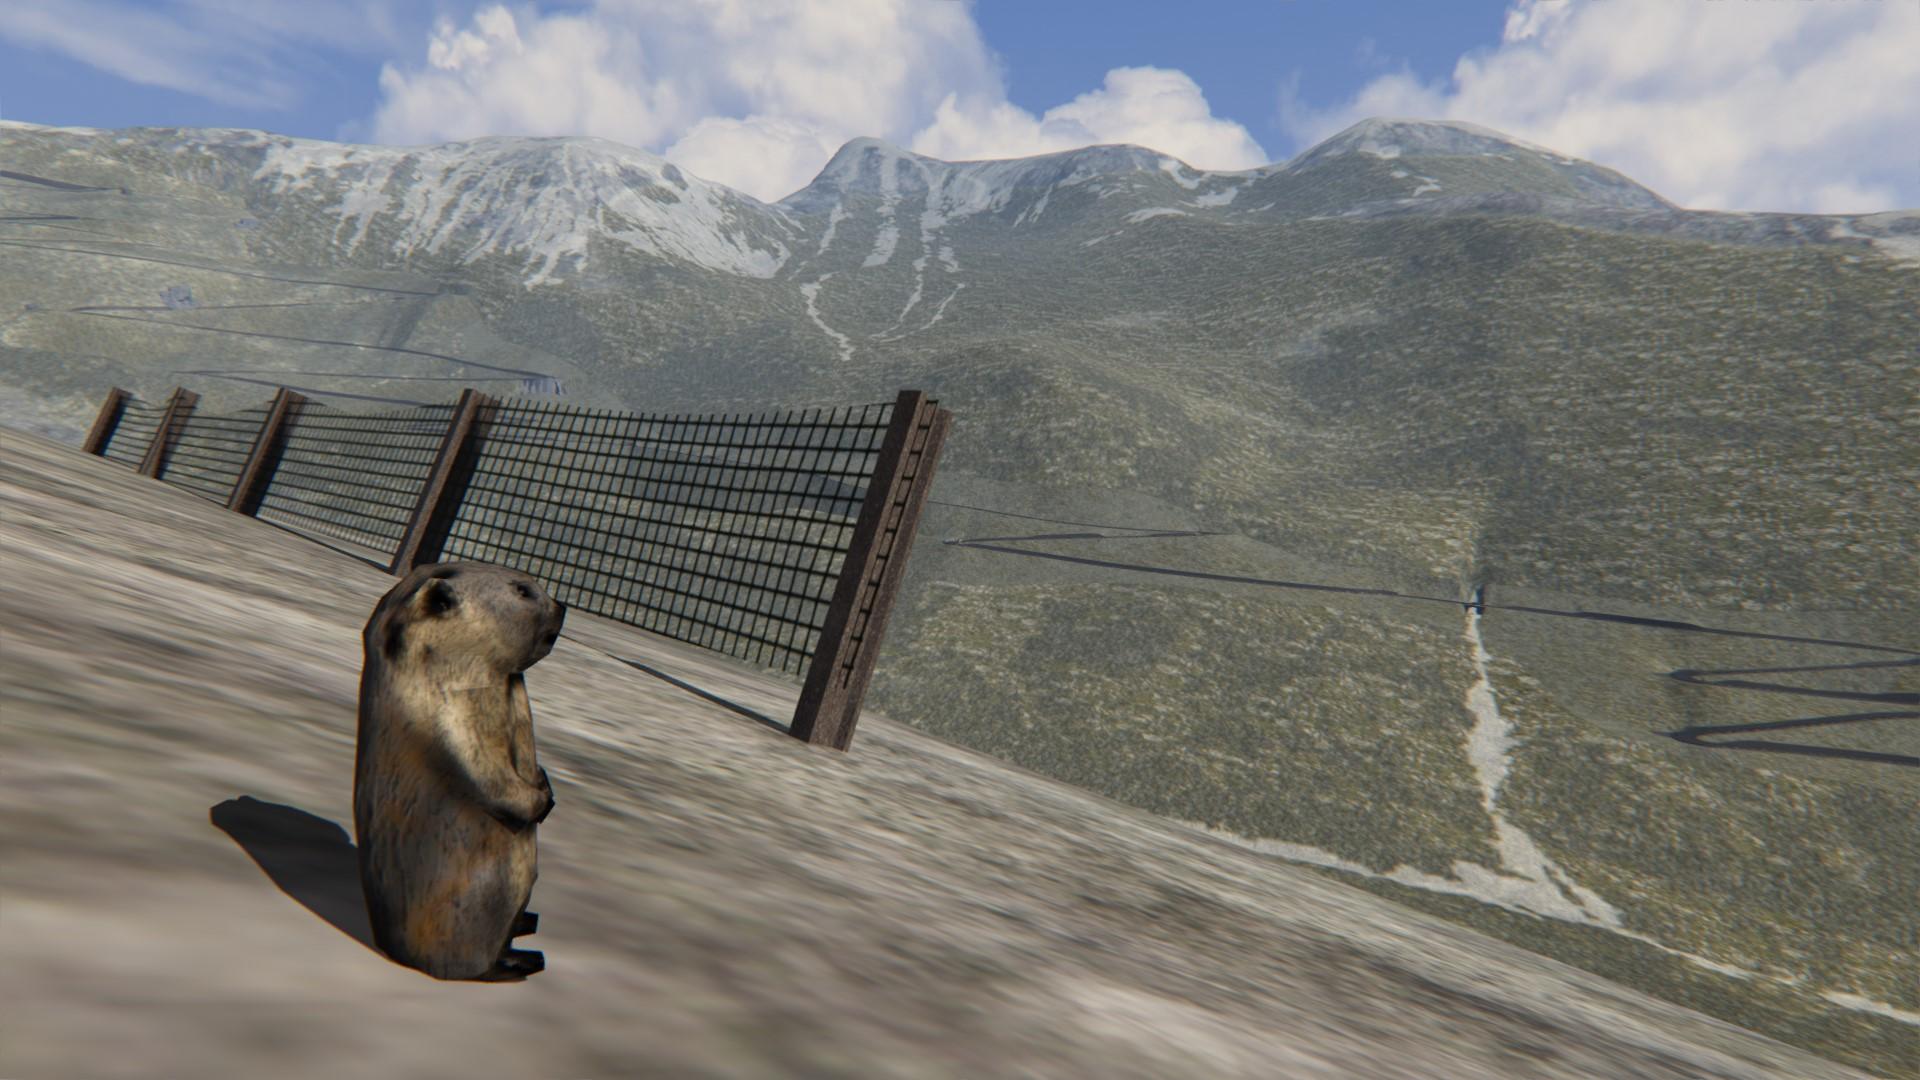 Screenshot_wrc_citroen_c3_alpine_pass_2-2-120-11-32-21.jpg